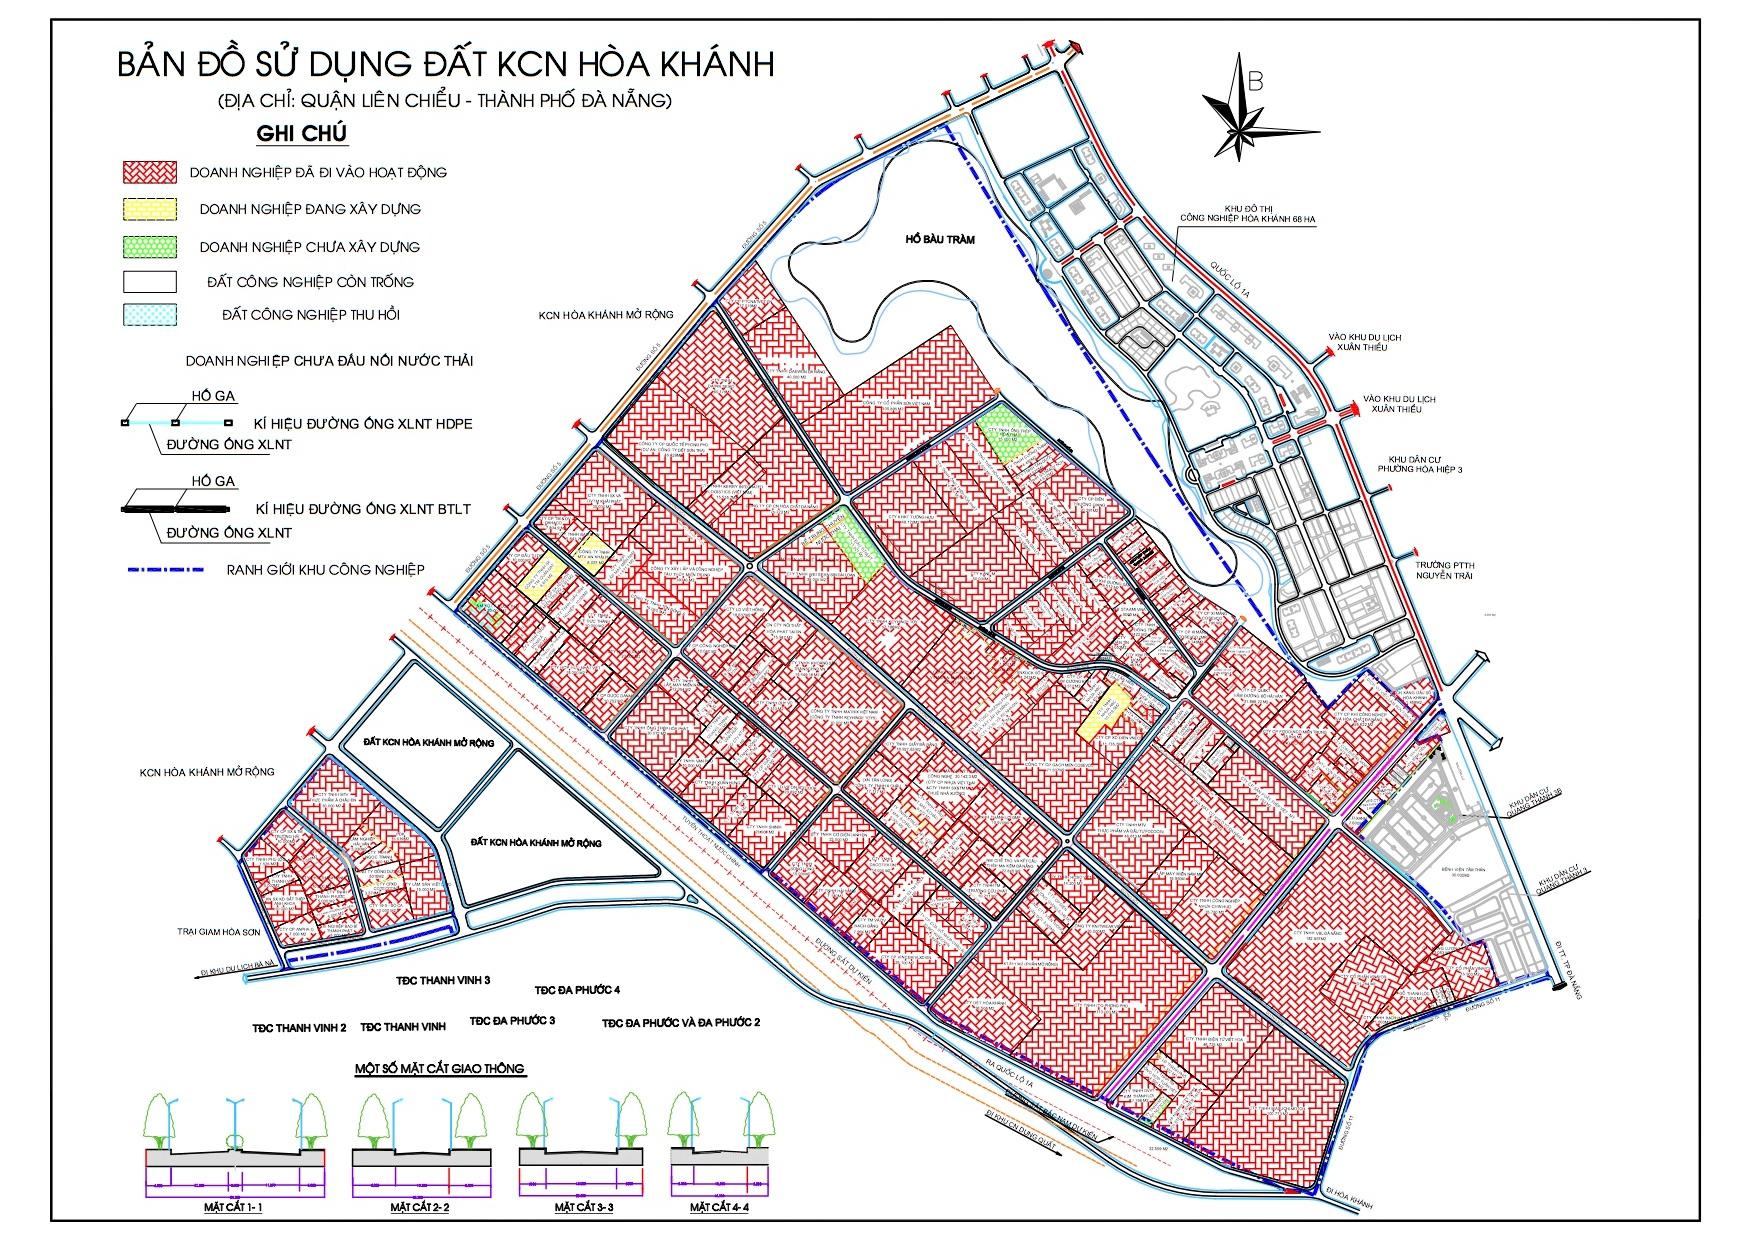 Khu công nghiệp Hòa Khánh | Đà Nẵng